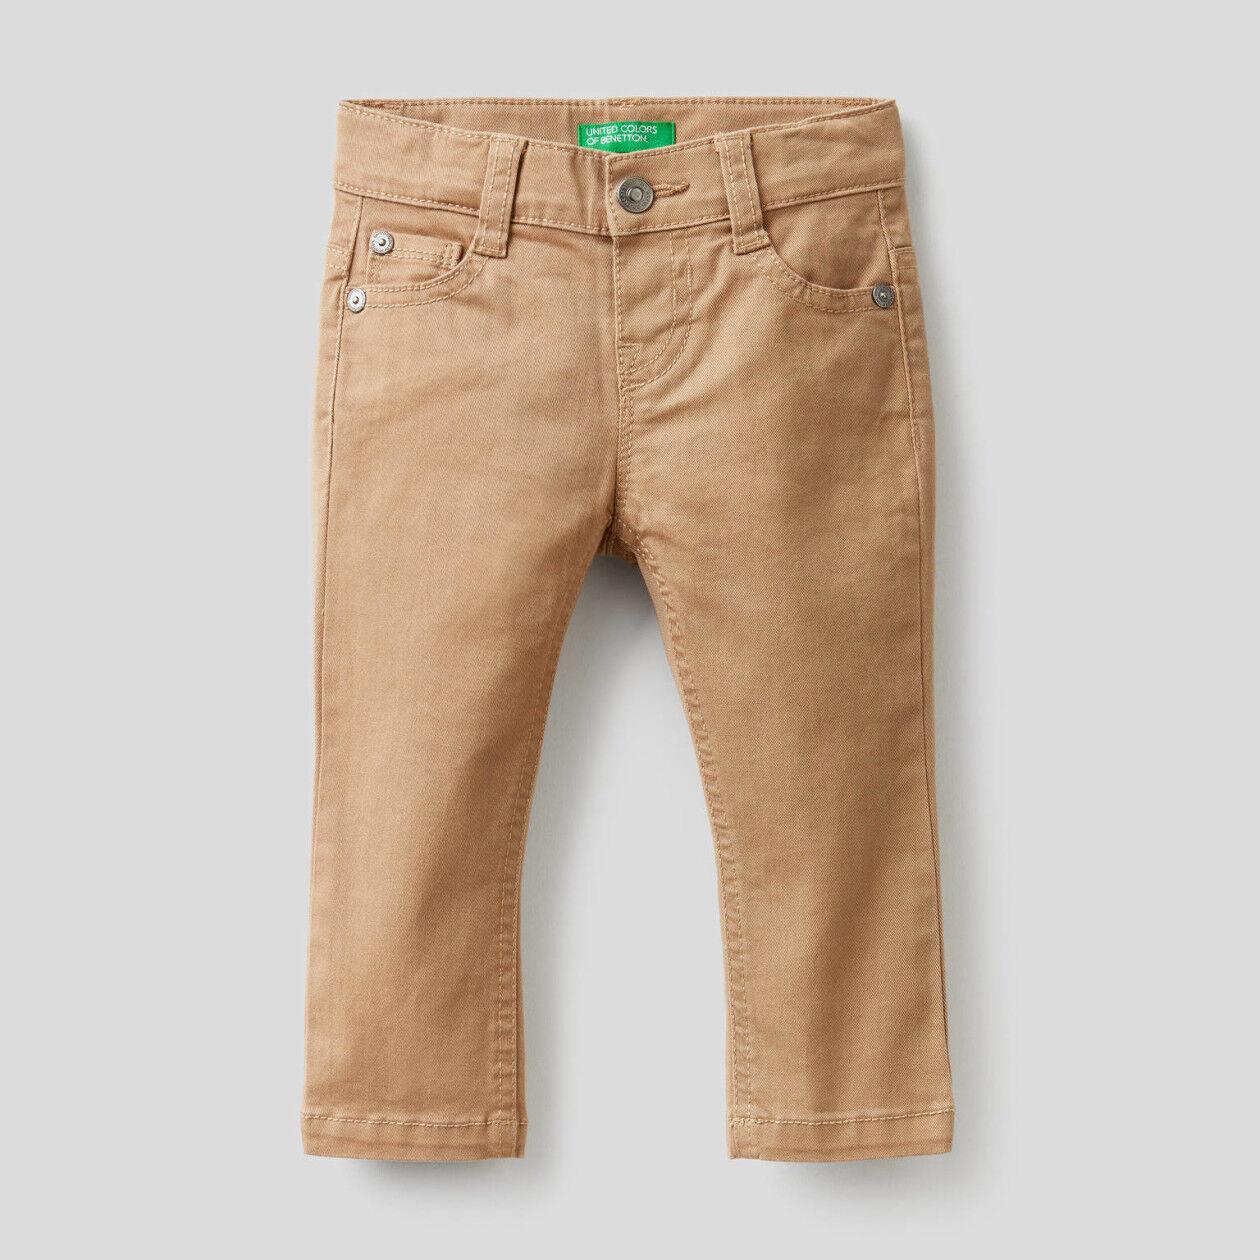 Pantalón slim fit de algodón elástico